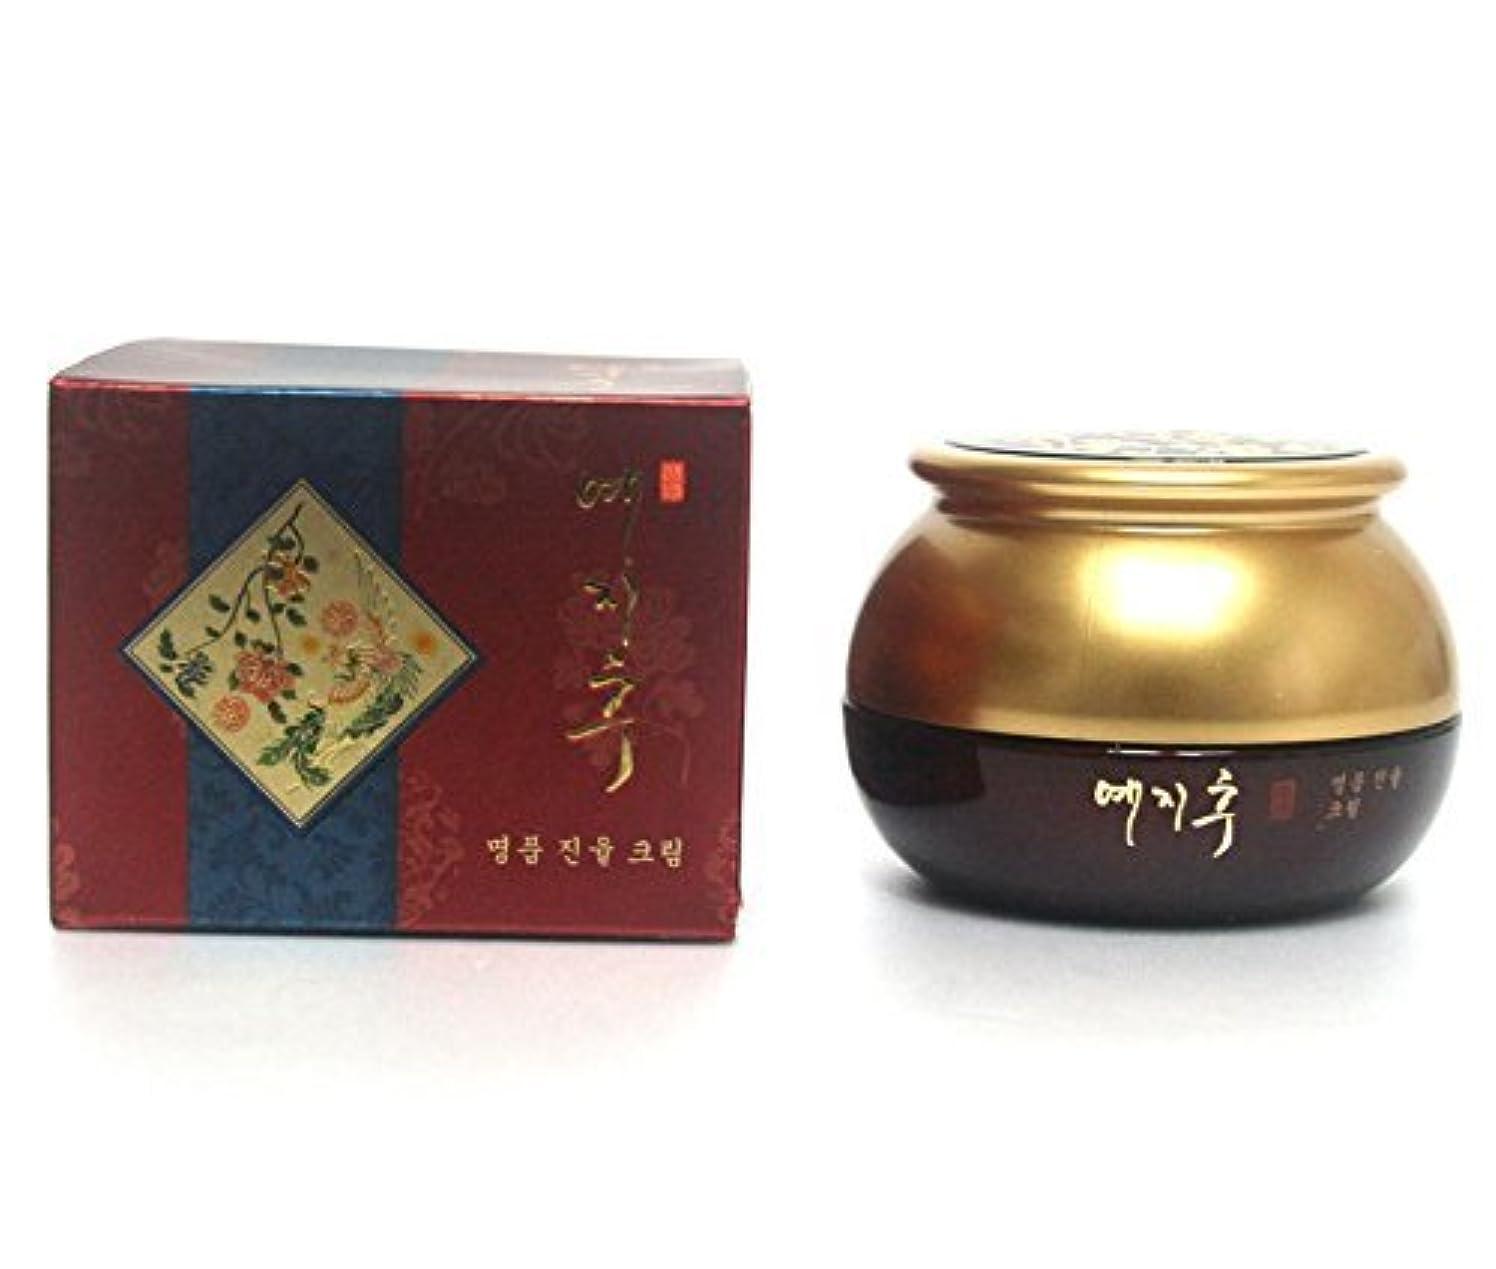 地平線うんざりにやにや[YEZIHU] 紅参クリーム50g / ナチュラルオリエンタルハーブ / 韓国化粧品 / RED Ginseng Cream 50g / Natural Oriental Herbs / Korean Cosmetics [並行輸入品]